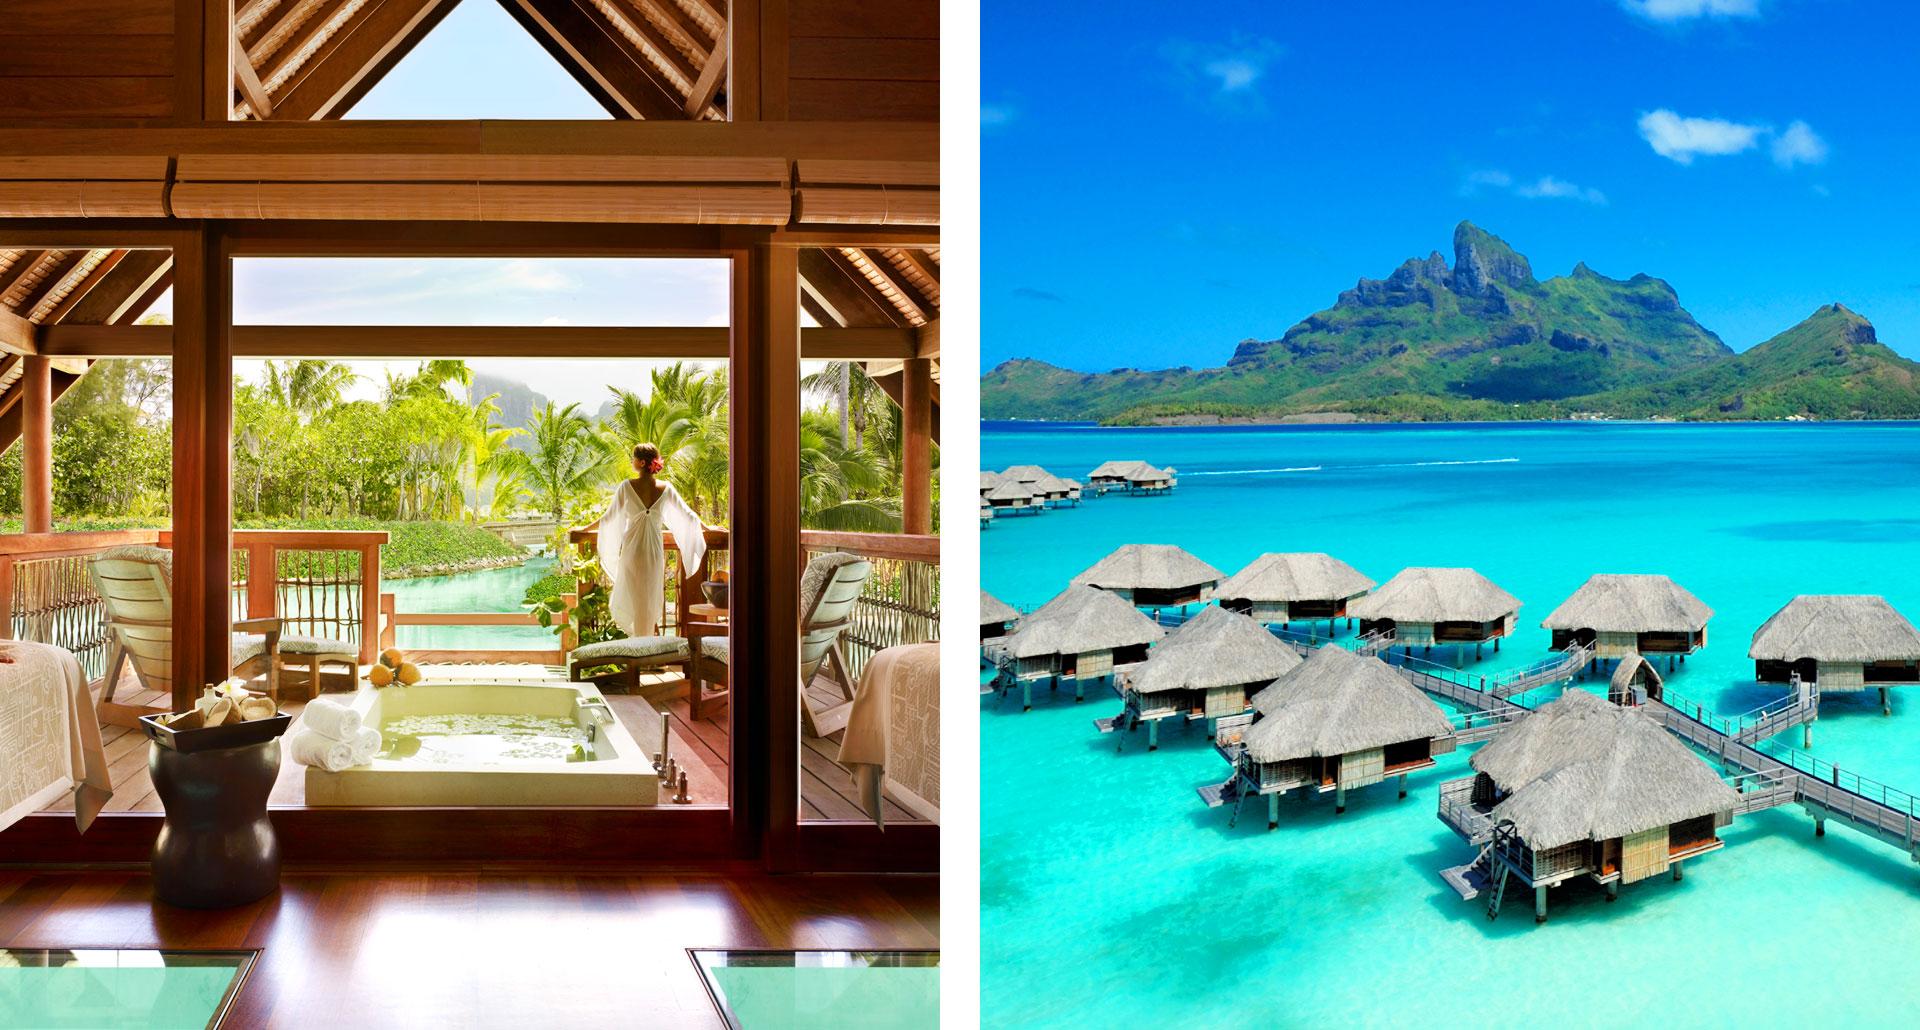 Four Seasons Resort Bora Bora - boutique hotel in Bora Bora